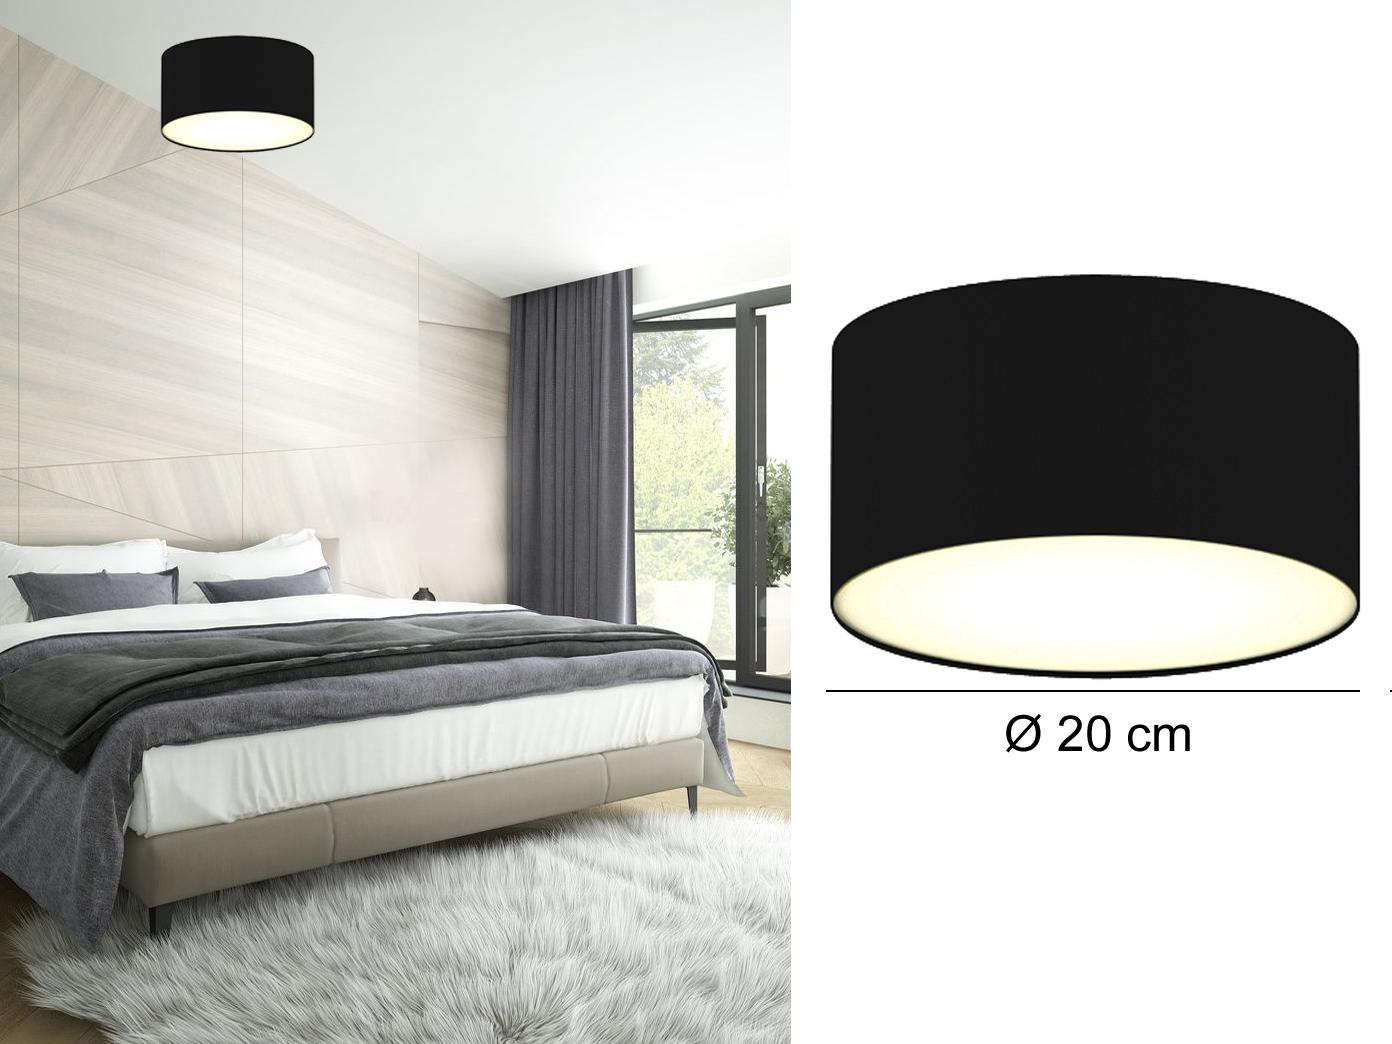 Full Size of Deckenlampe Schlafzimmer Lampe Dimmbar Modern E27 Deckenleuchte Led Skandinavisch Pinterest Design Holz Deckenlampen 55f20acfa5133 Wandtattoos Kommoden Nolte Schlafzimmer Deckenlampe Schlafzimmer